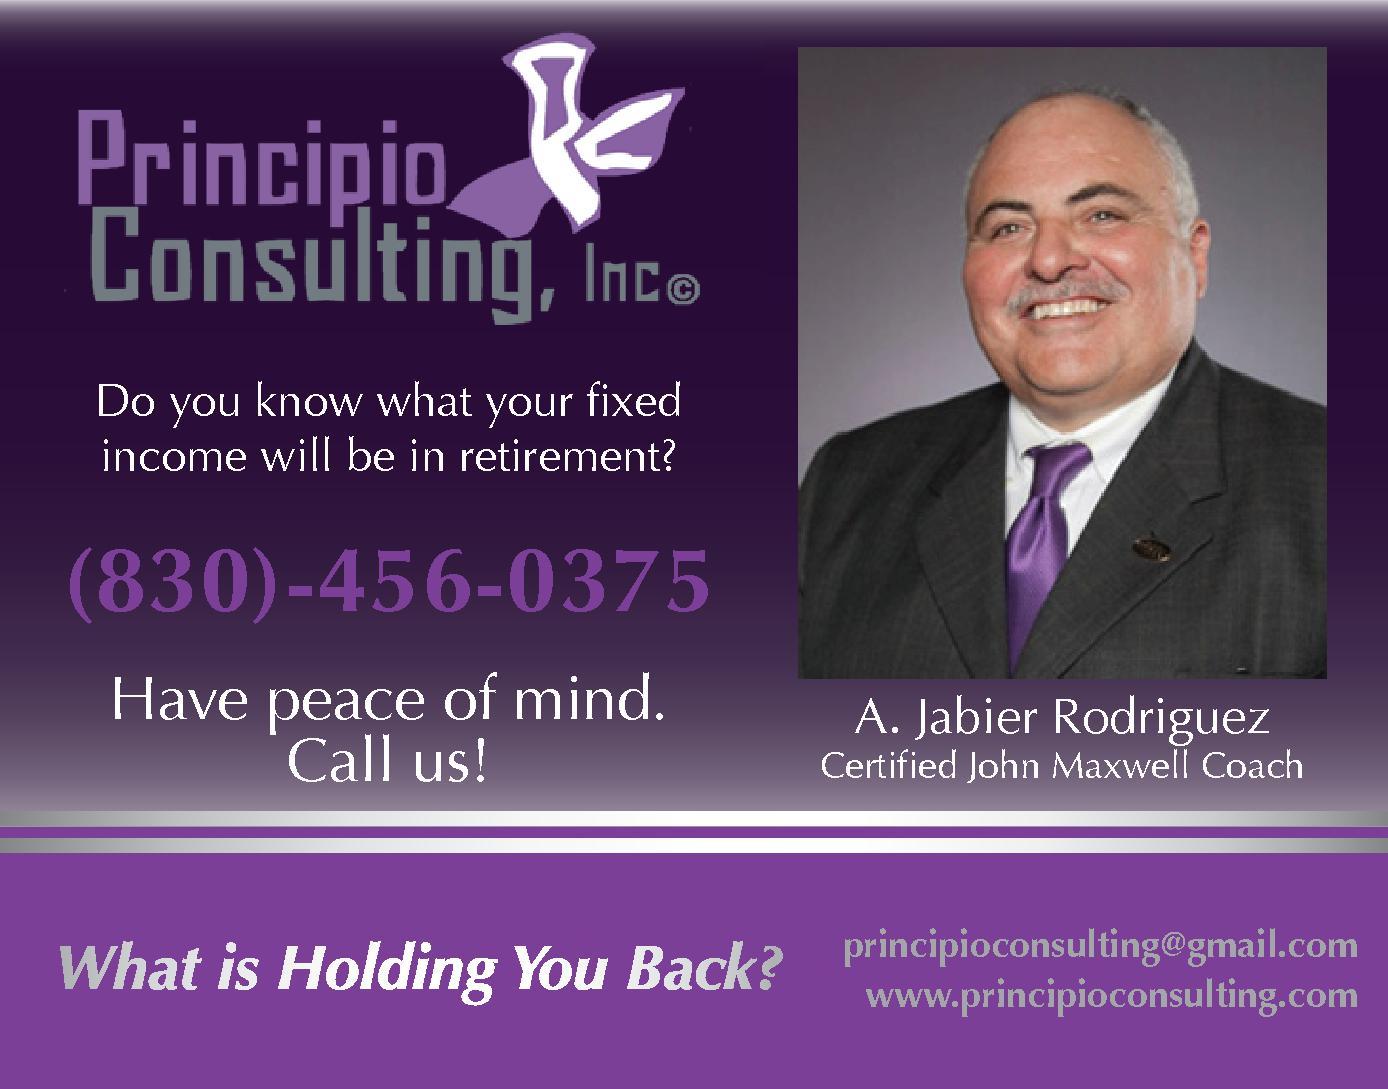 Principio Consulting, Inc.